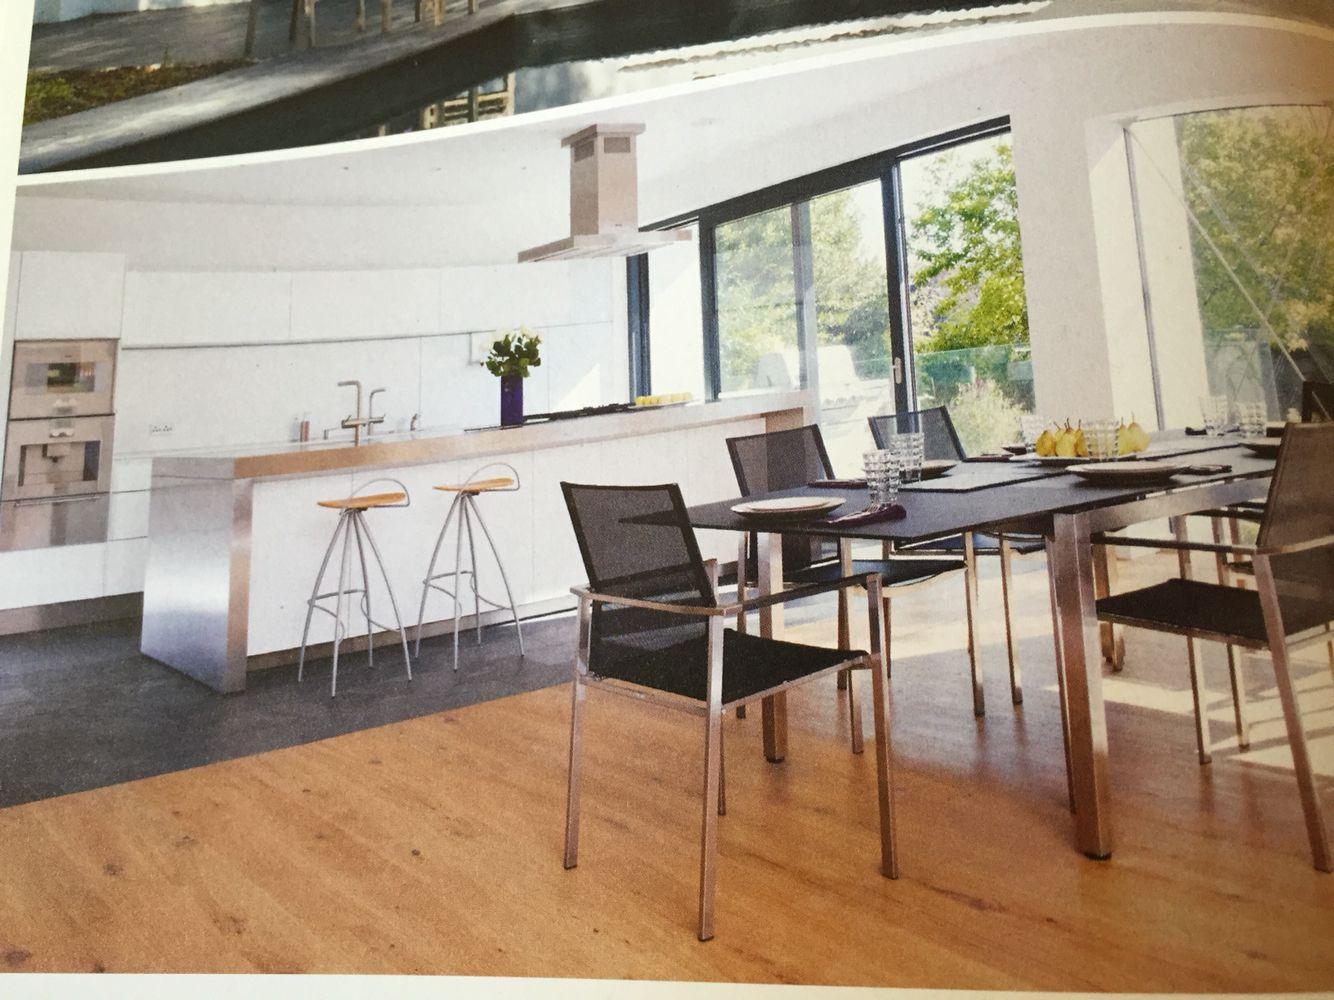 Holzfußboden Im Küchenbereich ~ Holzboden küchenbereich bahnhof bresewitz dachwohnung in